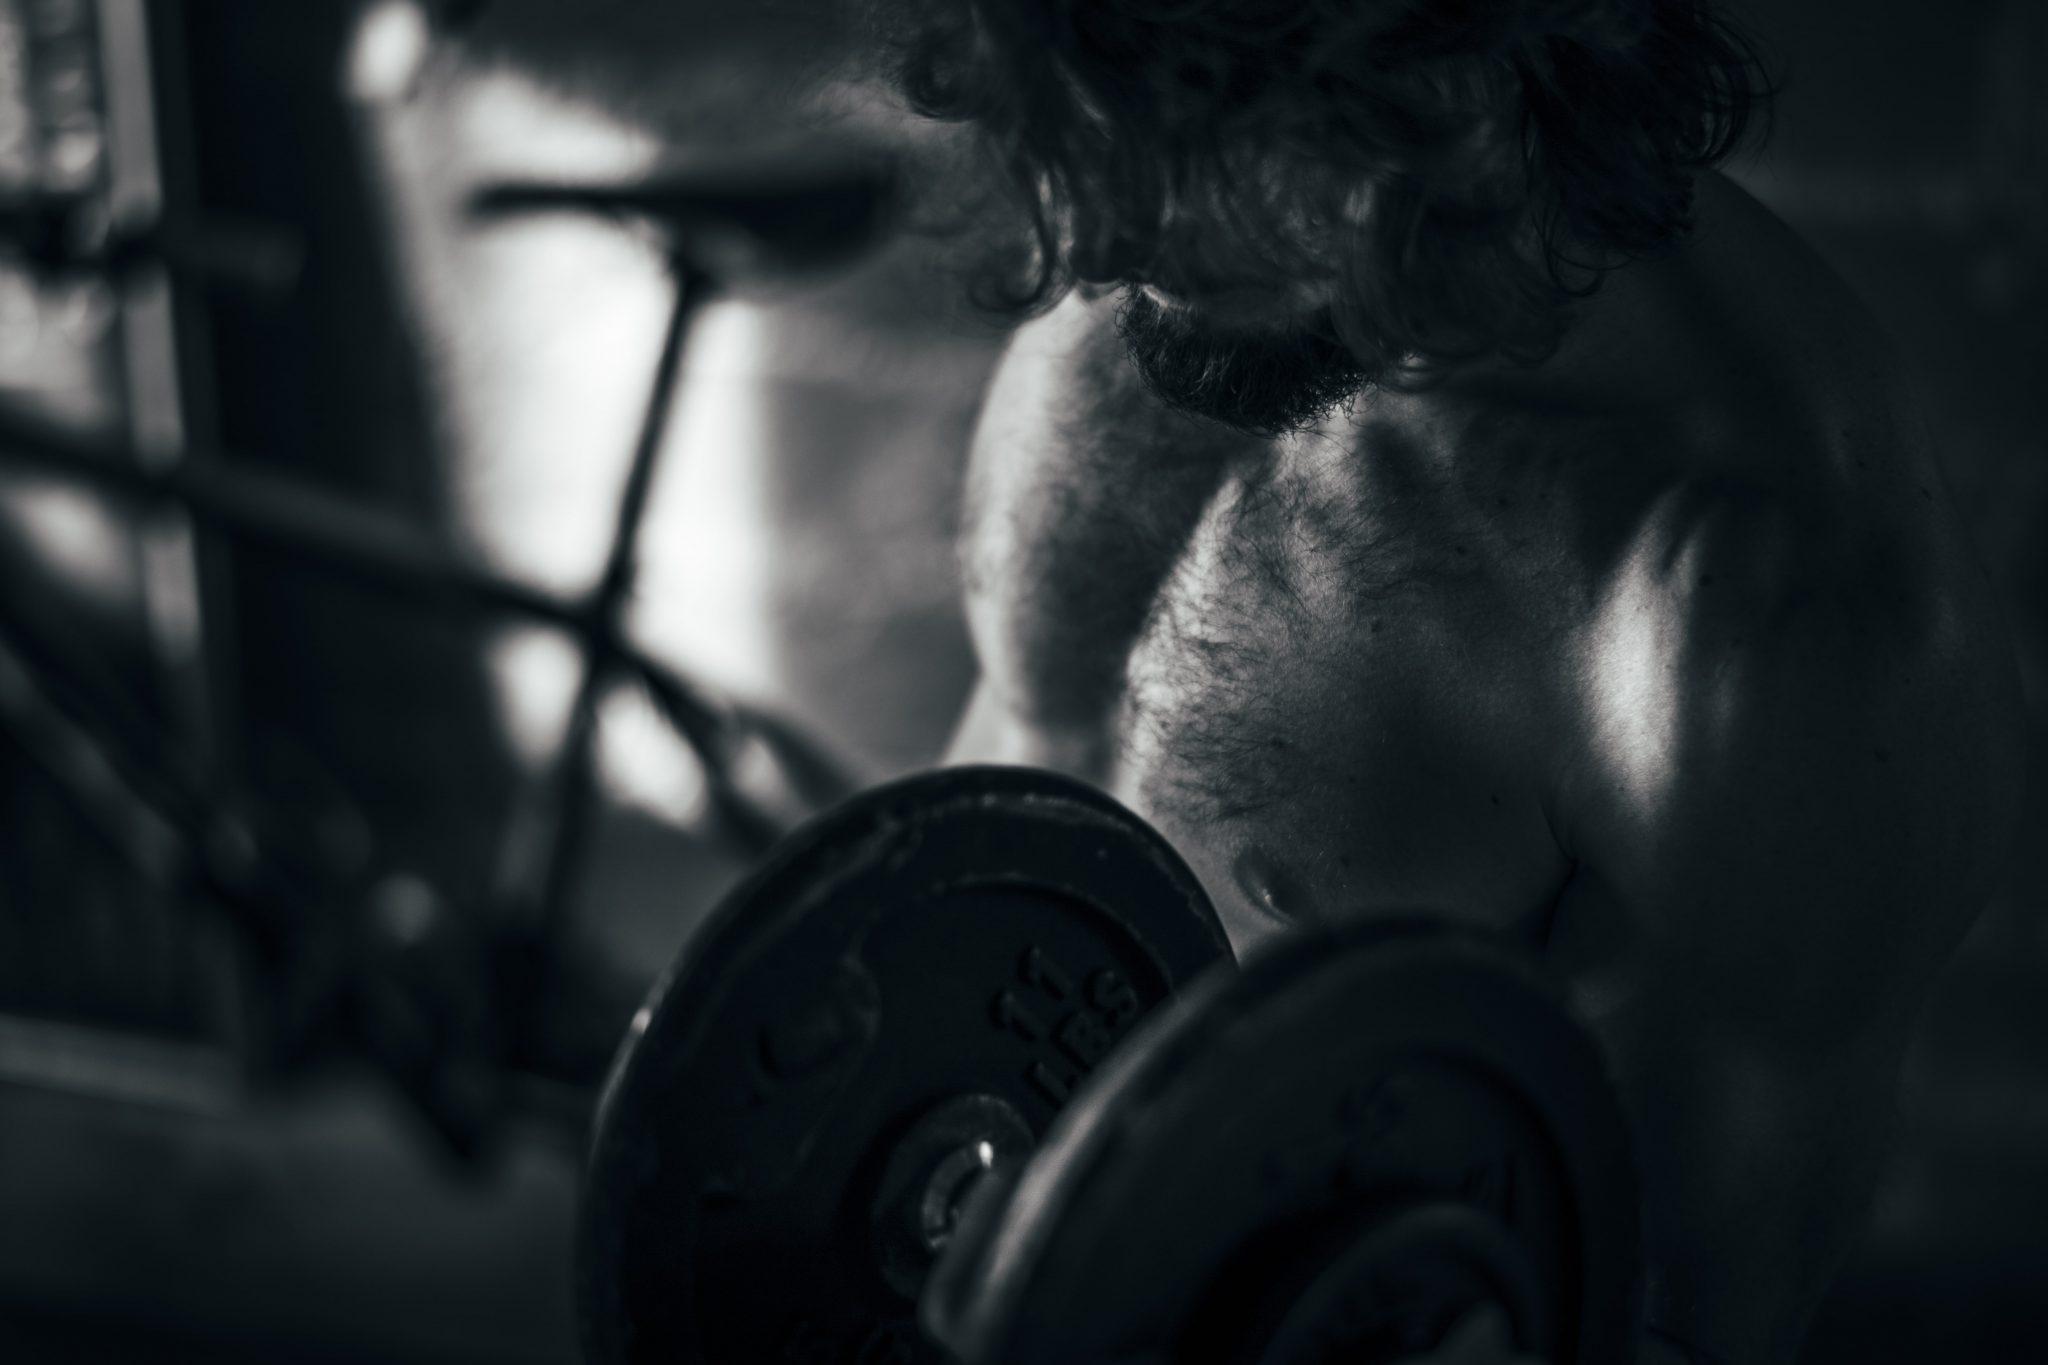 il runner famoso mentre si allena con i pesi